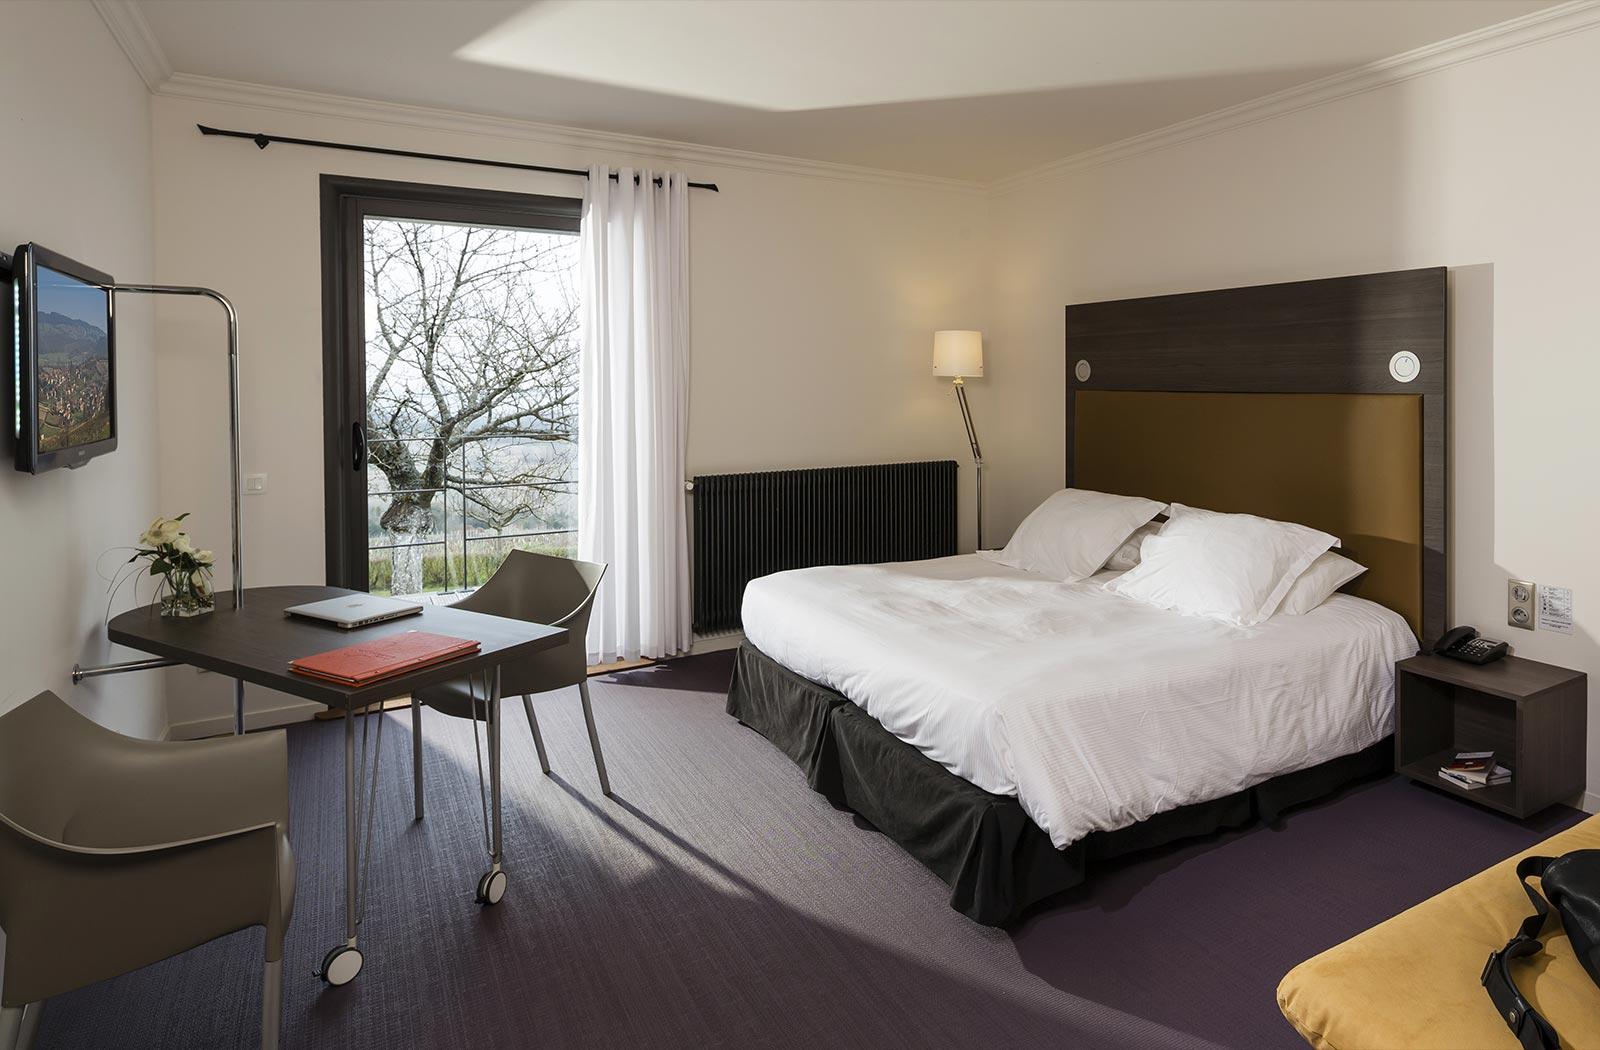 Chambre de luxe - Hôtel 4 étoiles La Montagne de Brancion ...